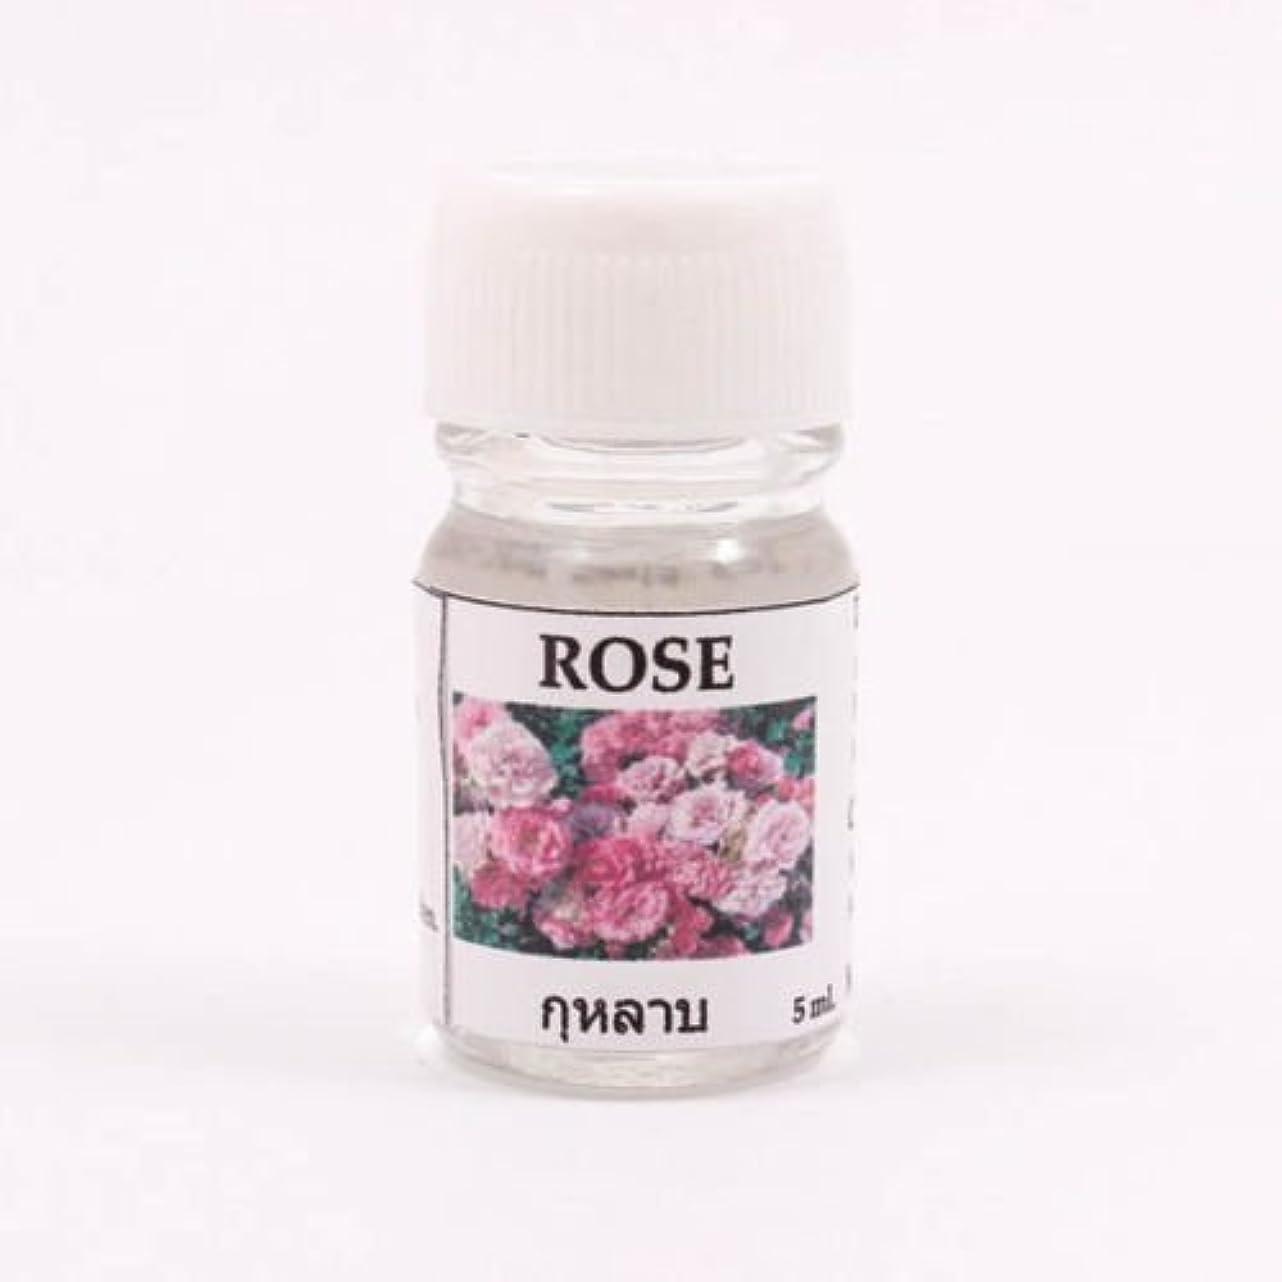 粗い雨意味6X Rose Aroma Fragrance Essential Oil 5ML. (cc) Diffuser Burner Therapy